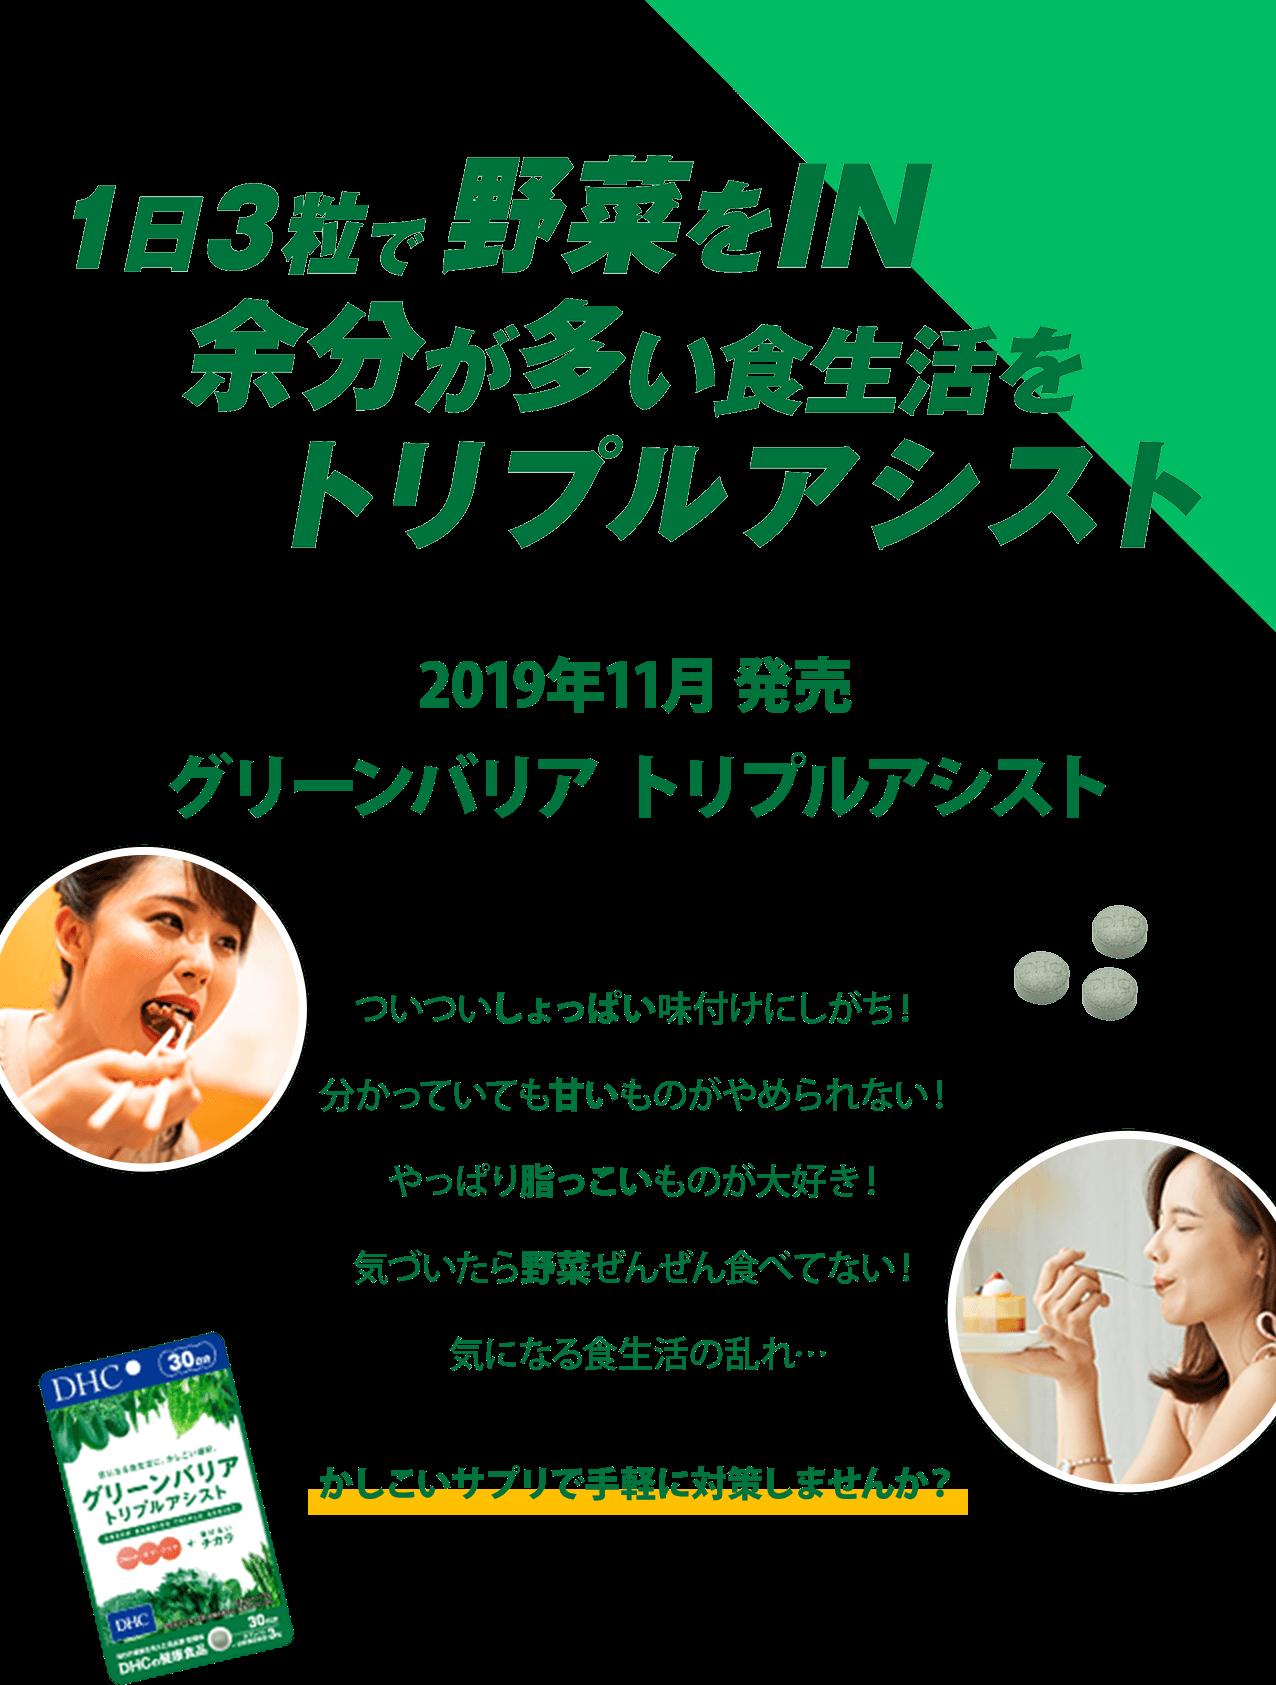 1日3粒で野菜をIN 余分が多い食生活を トリプルアシスト         2019年11月発売 グリーンバリア トリプルアシスト